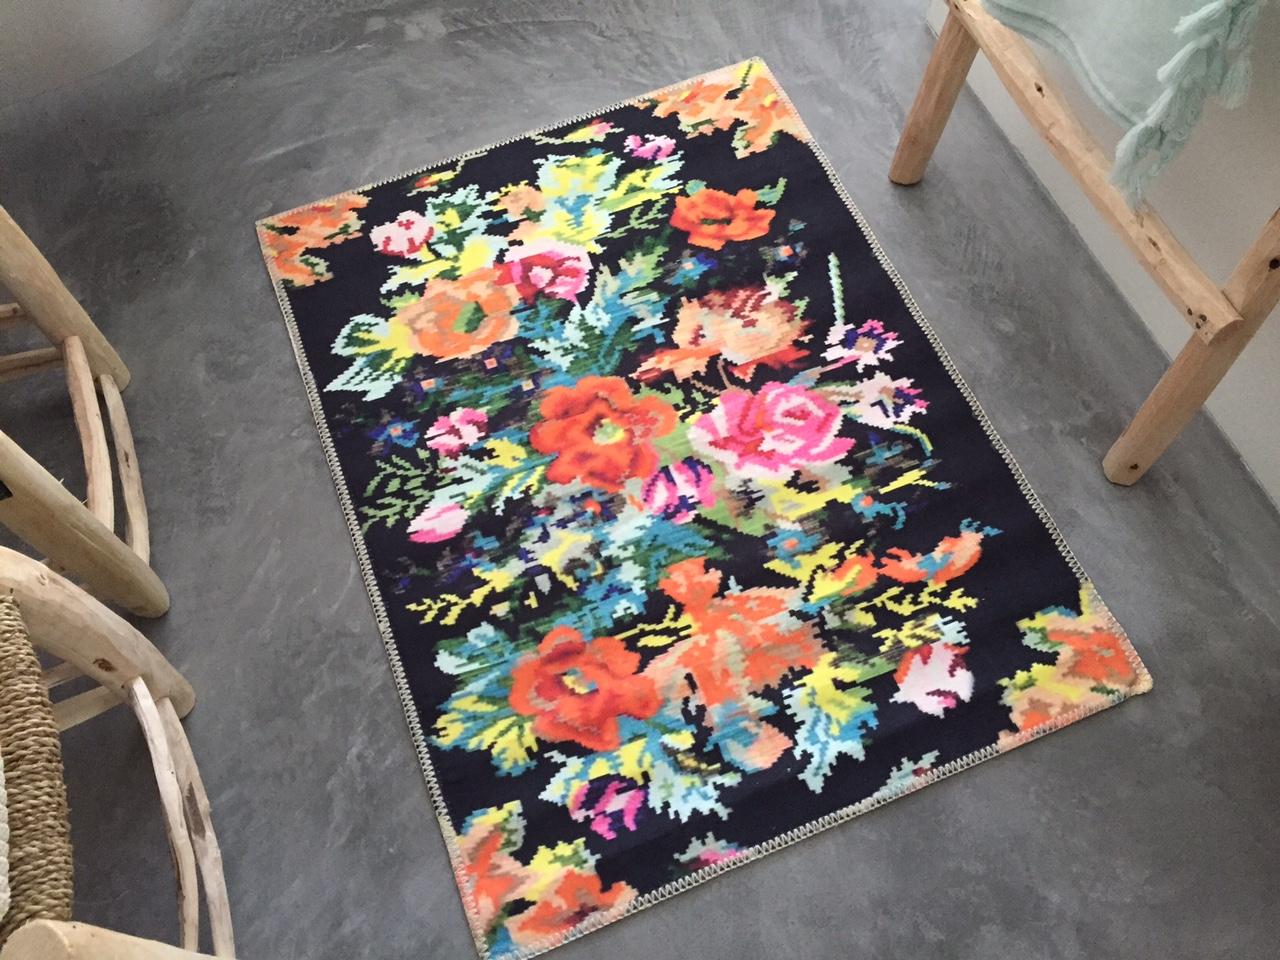 Badmat  rozenkelim zwart 100cm x 70cm 100% polyester   (nog 2 op voorraad)